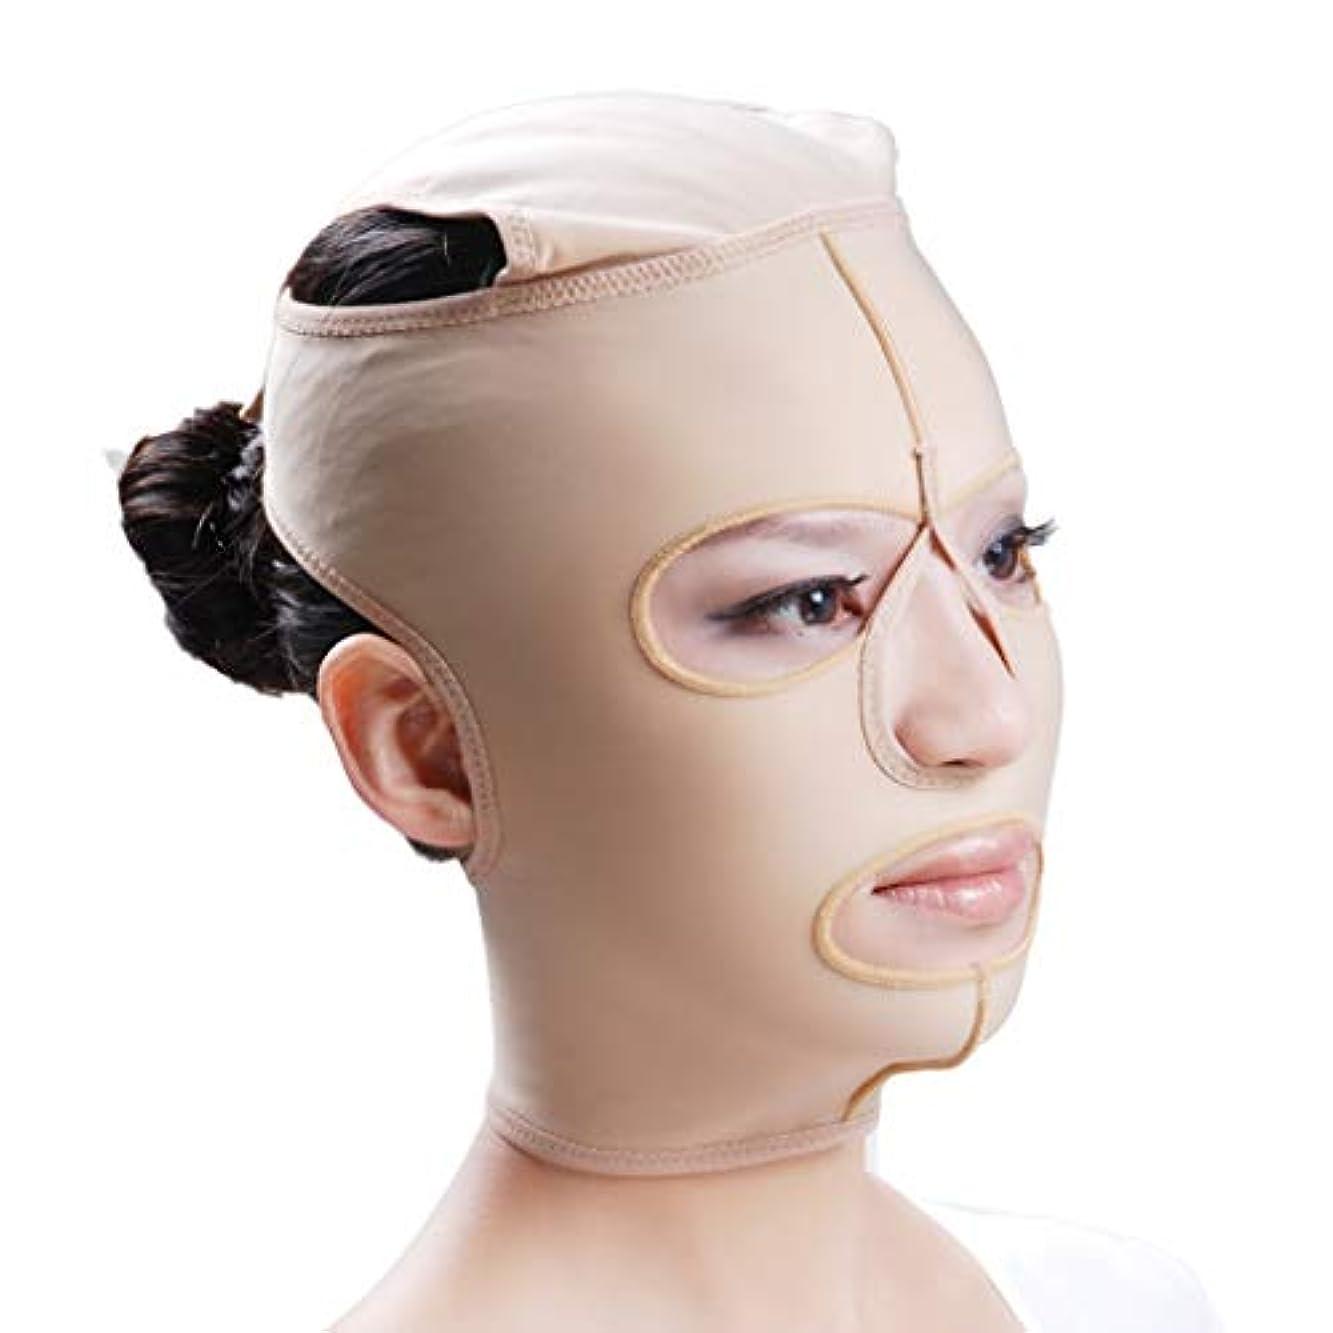 罰忠実な間違っているLJK フェイスリフトマスク、フルフェイスマスク医療グレード圧力フェイスダブルチンプラスチック脂肪吸引術弾性包帯ヘッドギア後の顔の脂肪吸引術 (Size : M)